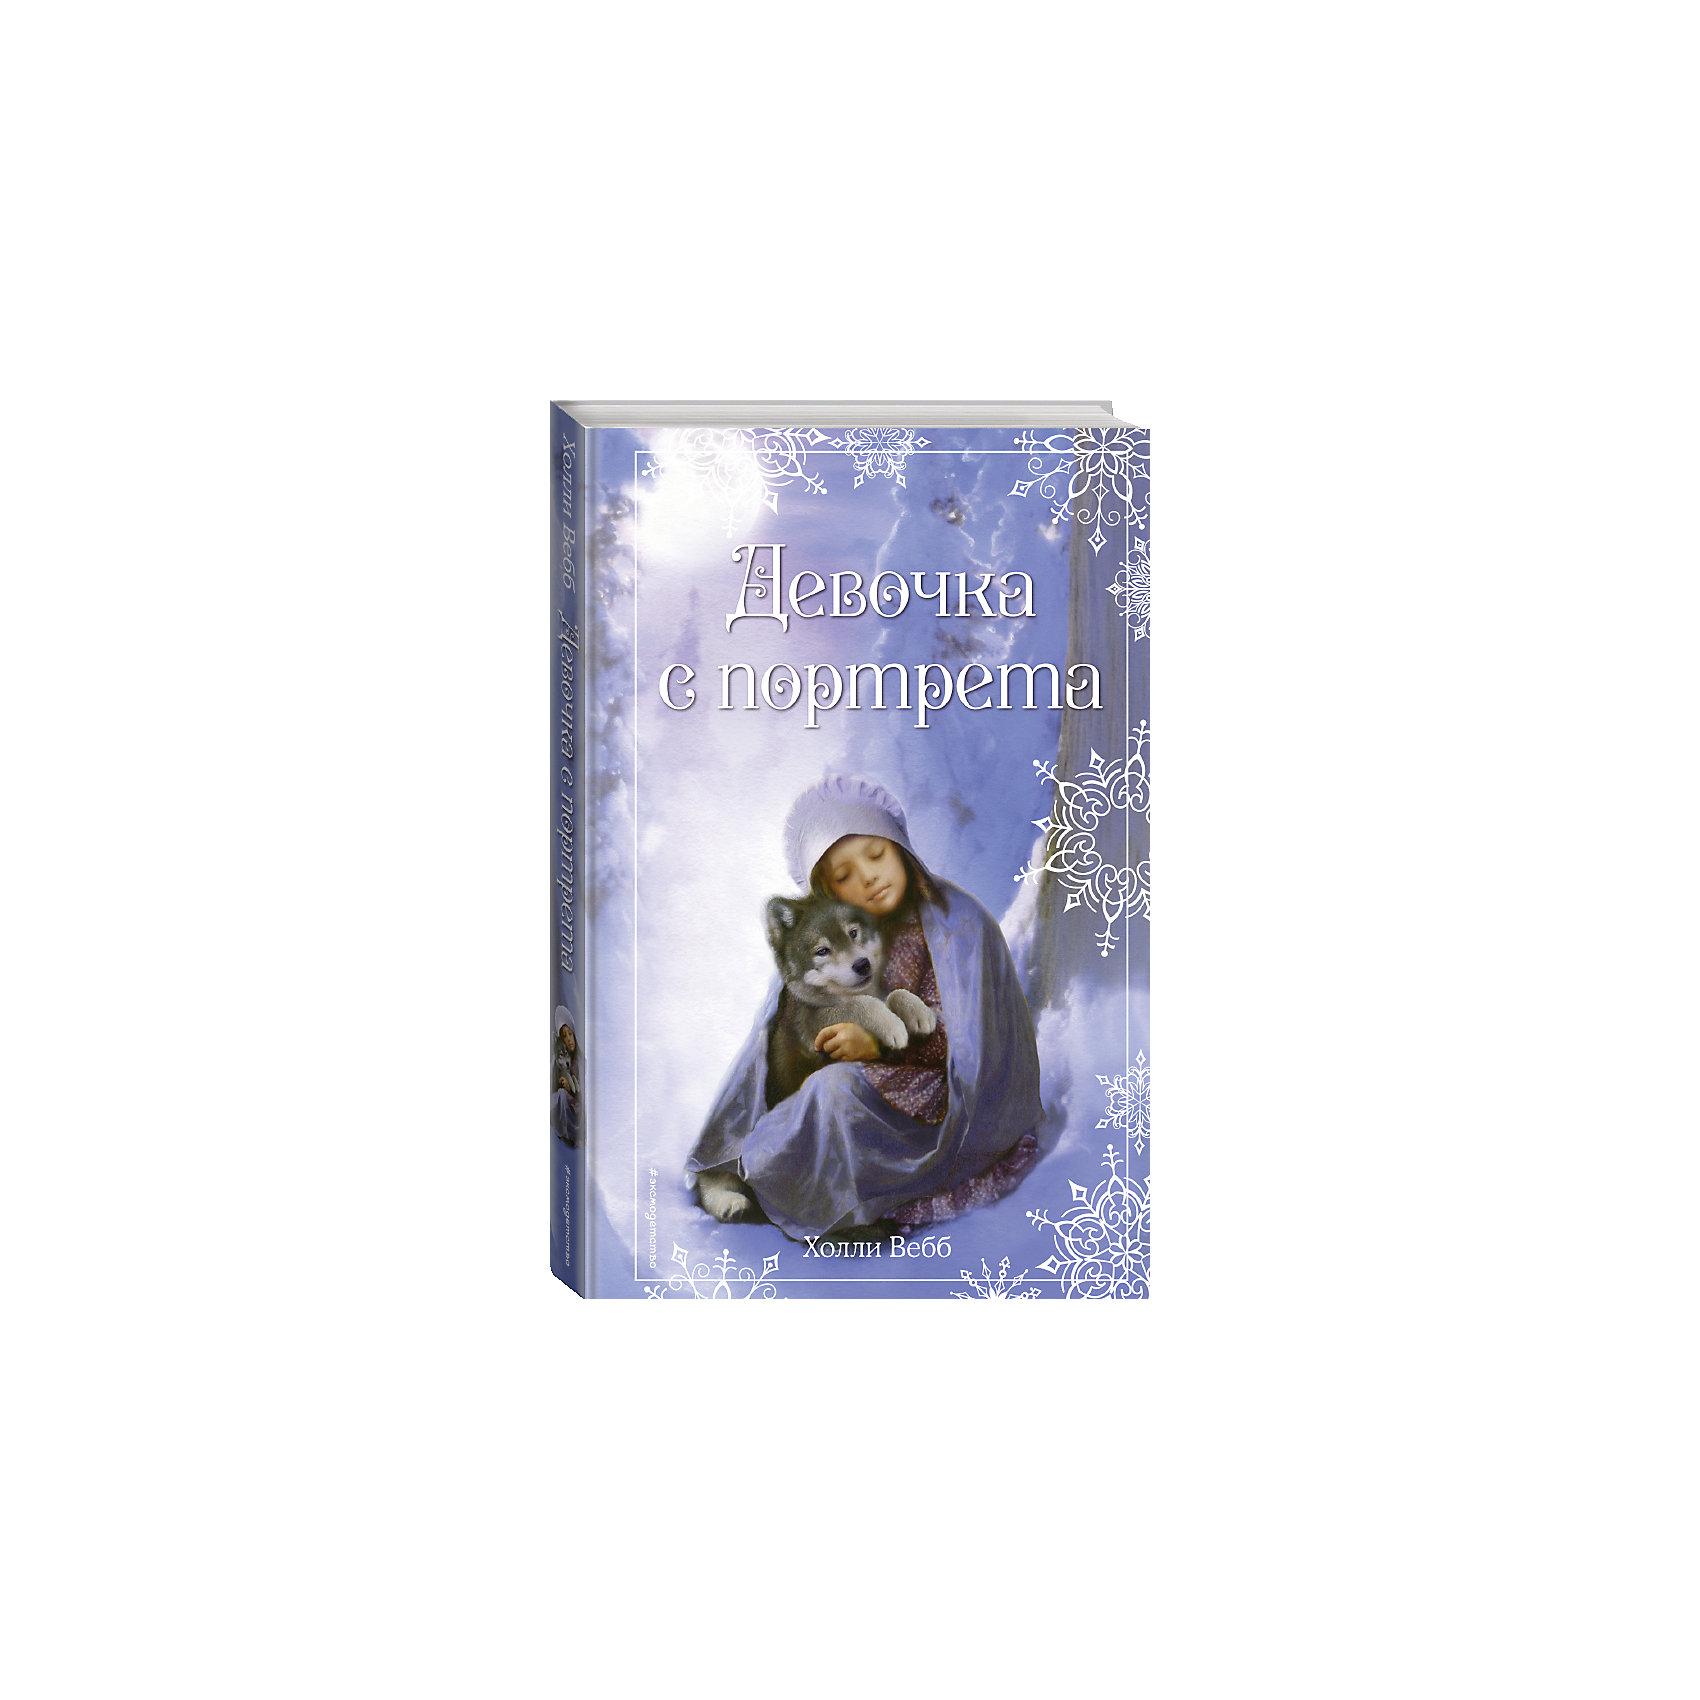 Рождественские истории, Девочка с портретаНовогодние книги<br>Амелия иногда мечтала о чудесах, но никогда не думала, что волшебство может случиться с ней по-настоящему. А всего-то нужно было – приехать в гости на Рождество к дальним родственникам в старинный дом и найти там дневник своего пра-пра-прадеда. <br>И рождественское волшебство случилось – Амелия вдруг проснулась в том же доме, но много-много лет назад. Познакомилась с мальчиком, который написал тот дневник. И поняла, что теперь и сама должна совершить чудо – отвести маленького волчонка к его маме. Только есть одна проблема – Амелия очень боится даже собак, а не то что волков!<br>Но чтобы помочь волчонку, Амелия может преодолеть и не такое!<br><br>Ширина мм: 212<br>Глубина мм: 138<br>Высота мм: 17<br>Вес г: 396<br>Возраст от месяцев: 108<br>Возраст до месяцев: 144<br>Пол: Женский<br>Возраст: Детский<br>SKU: 5098442